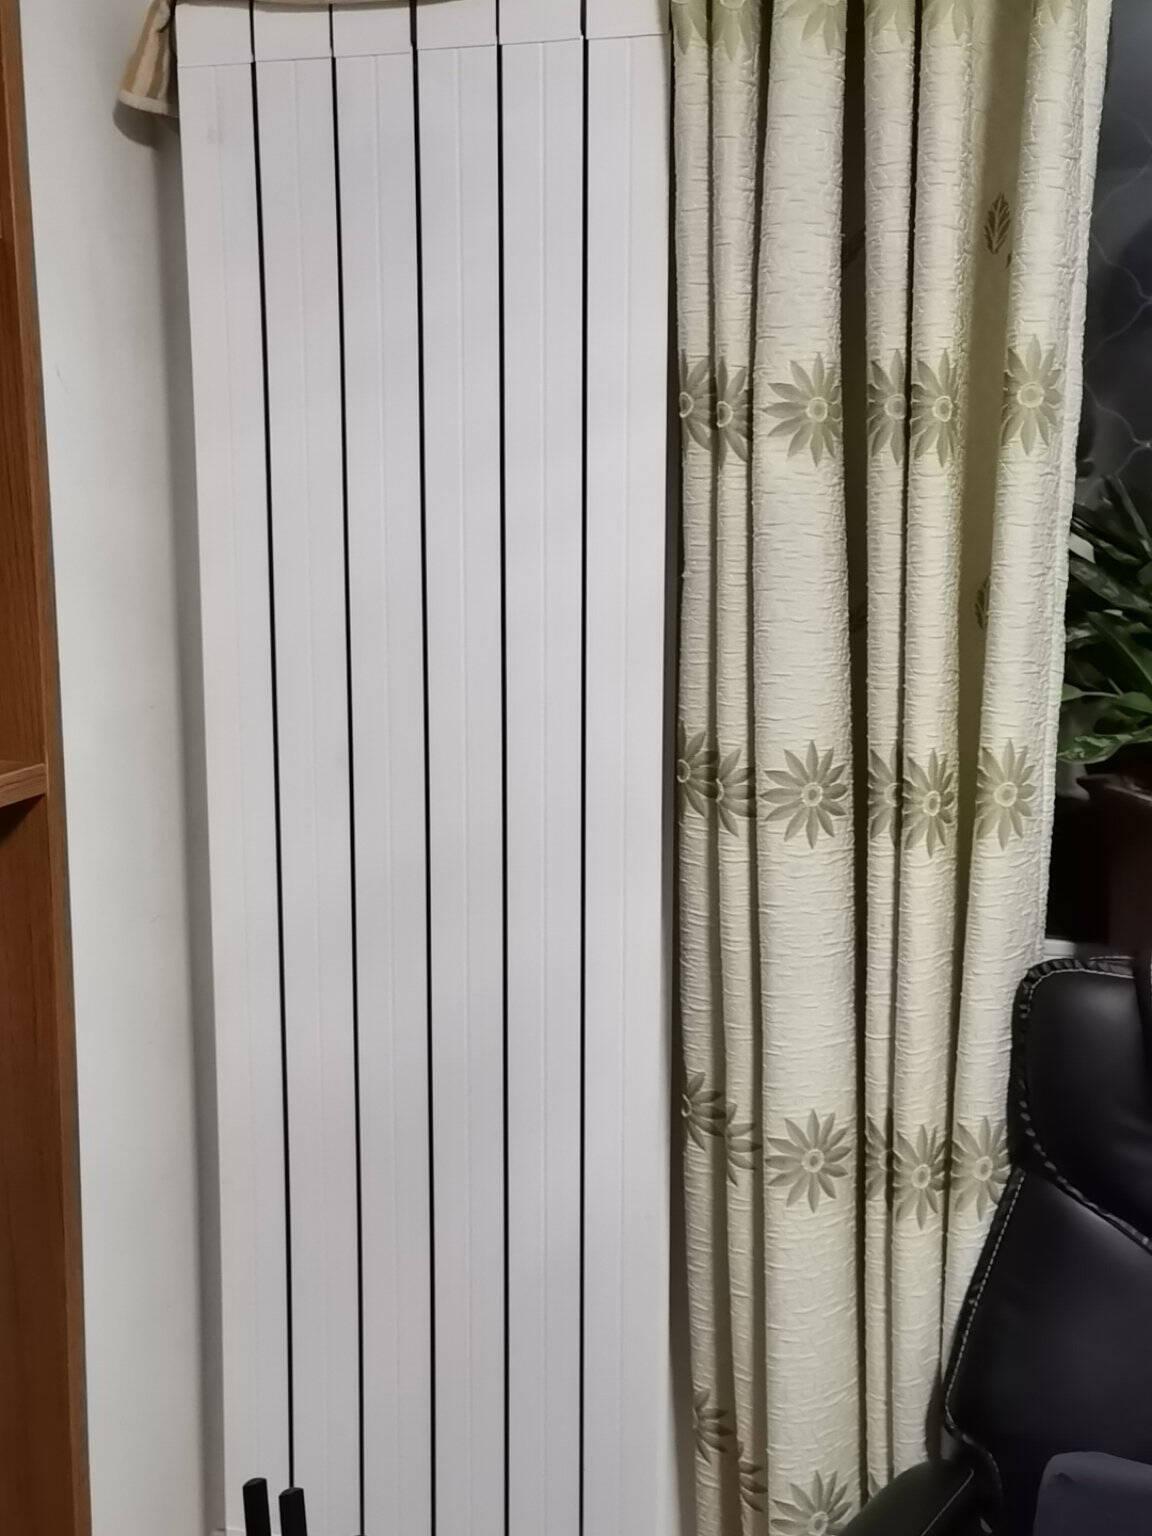 勃森散热器BOULSEN铜铝复合暖气片家用水暖壁挂式75*75定制产品(4片起订)1800MM高